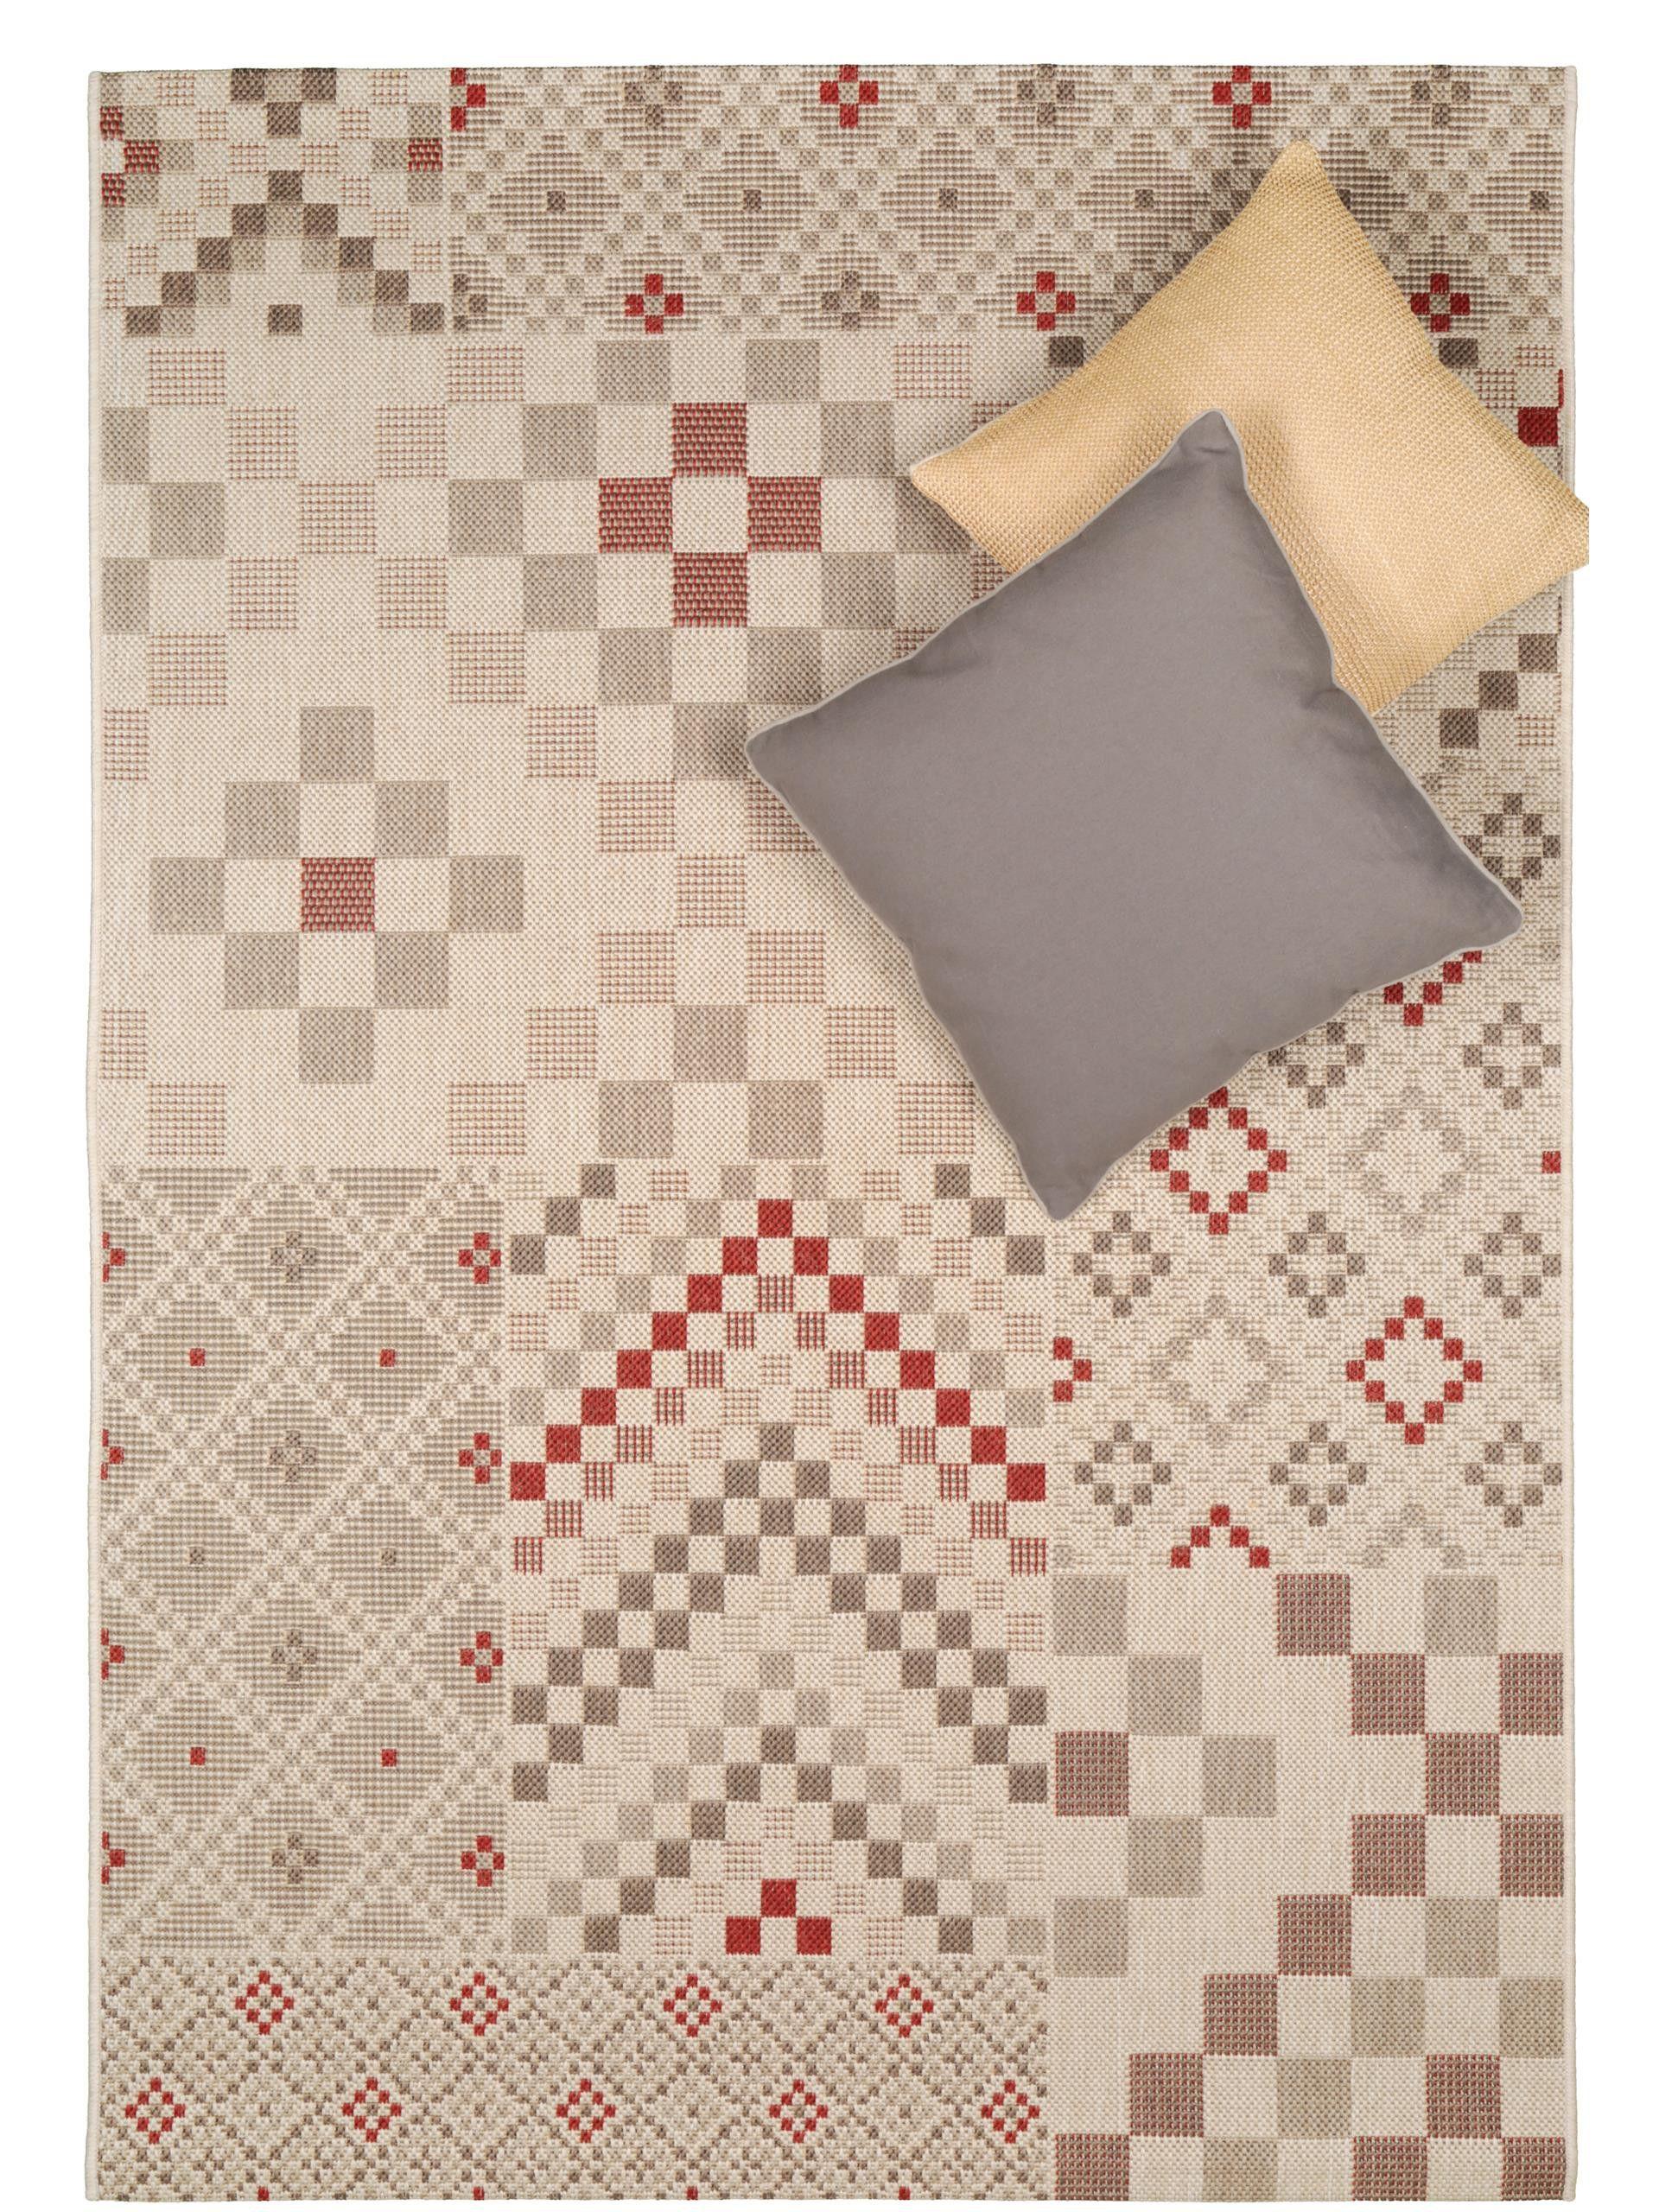 benuta teppich geometrie ist das perfekte garten accessoire sein geometrisches muster fgt sich zu einem coolen pixel patchwork zusammen und verschnert - Teppich Geometrisches Muster